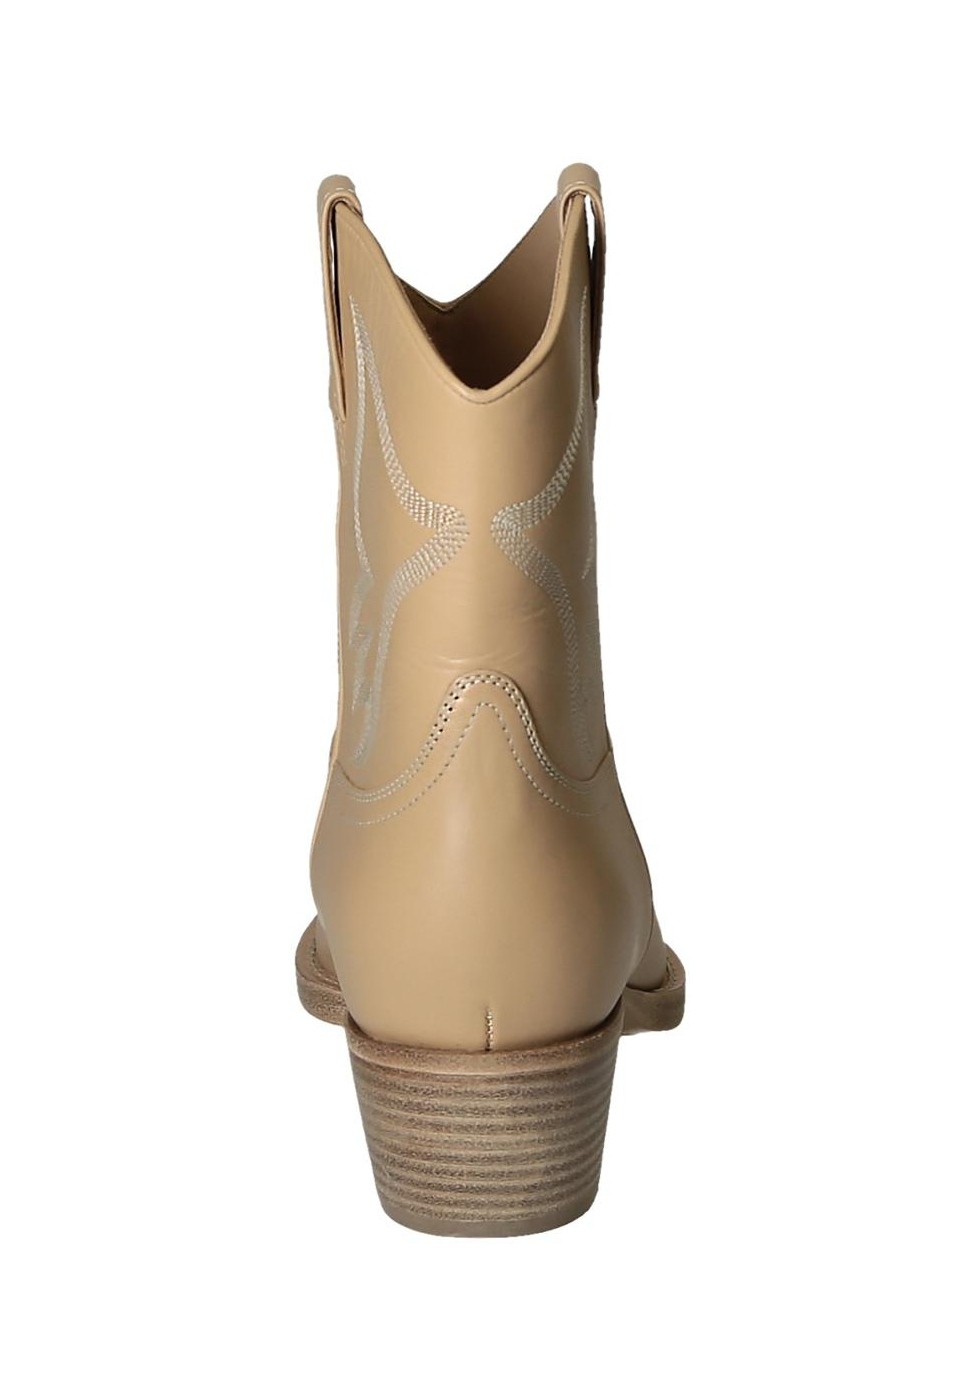 Stivaletti western Valentino donna in pelle Nudo italian-boutique beige Pelle Mejor Precio Barato Vendedor Las Labores De Saneamiento En Línea Oficial EWkBD